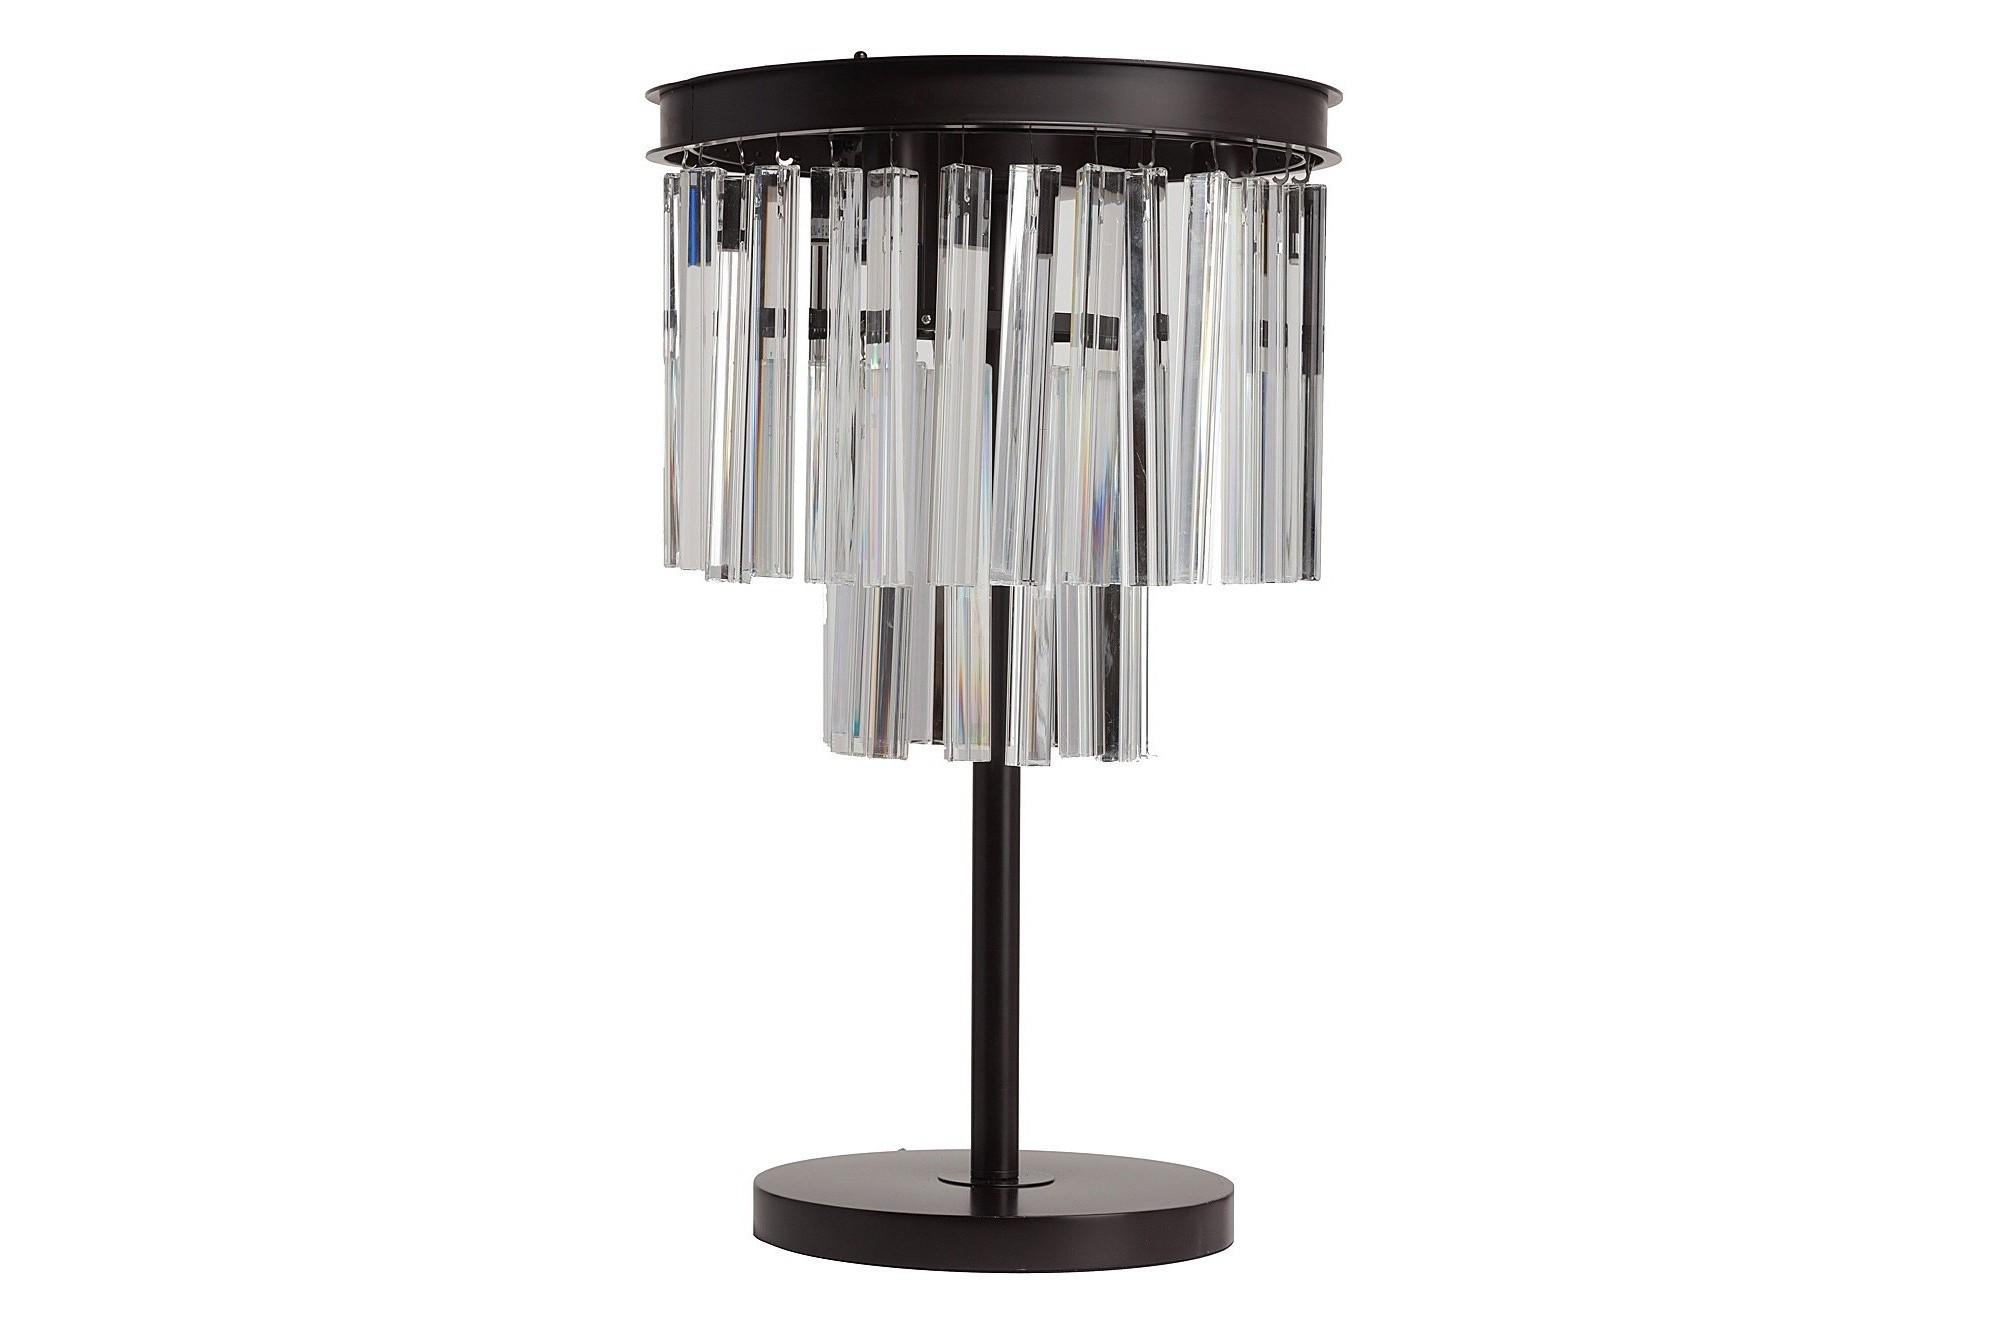 Настольная лампа Odeon FringeДекоративные лампы<br>Стильная настольная лампа ODEON FRINGE с прекрасными хрустальными подвесками. Красивая и изящная настольная лампа идеально впишется в интерьер любого помещения. Изделие имеет тонкую основу из качественного металла и абажур, украшенный множеством хрустальных подвесок. Благодаря этому ваша гостиная будет залита приятным мягким светом с изумительными отблесками от хрусталя. Предназначена для использования со светодиодными лампами, длина провода 50 см.&amp;lt;div&amp;gt;&amp;lt;br&amp;gt;&amp;lt;/div&amp;gt;&amp;lt;div&amp;gt;&amp;lt;div style=&amp;quot;line-height: 24.9999px;&amp;quot;&amp;gt;Вид цоколя:E14&amp;lt;/div&amp;gt;&amp;lt;div style=&amp;quot;line-height: 24.9999px;&amp;quot;&amp;gt;Мощность лампы:40W&amp;lt;/div&amp;gt;&amp;lt;div style=&amp;quot;line-height: 24.9999px;&amp;quot;&amp;gt;Количество ламп:3&amp;lt;/div&amp;gt;&amp;lt;/div&amp;gt;<br><br>Material: Металл<br>Height см: 65<br>Diameter см: 36